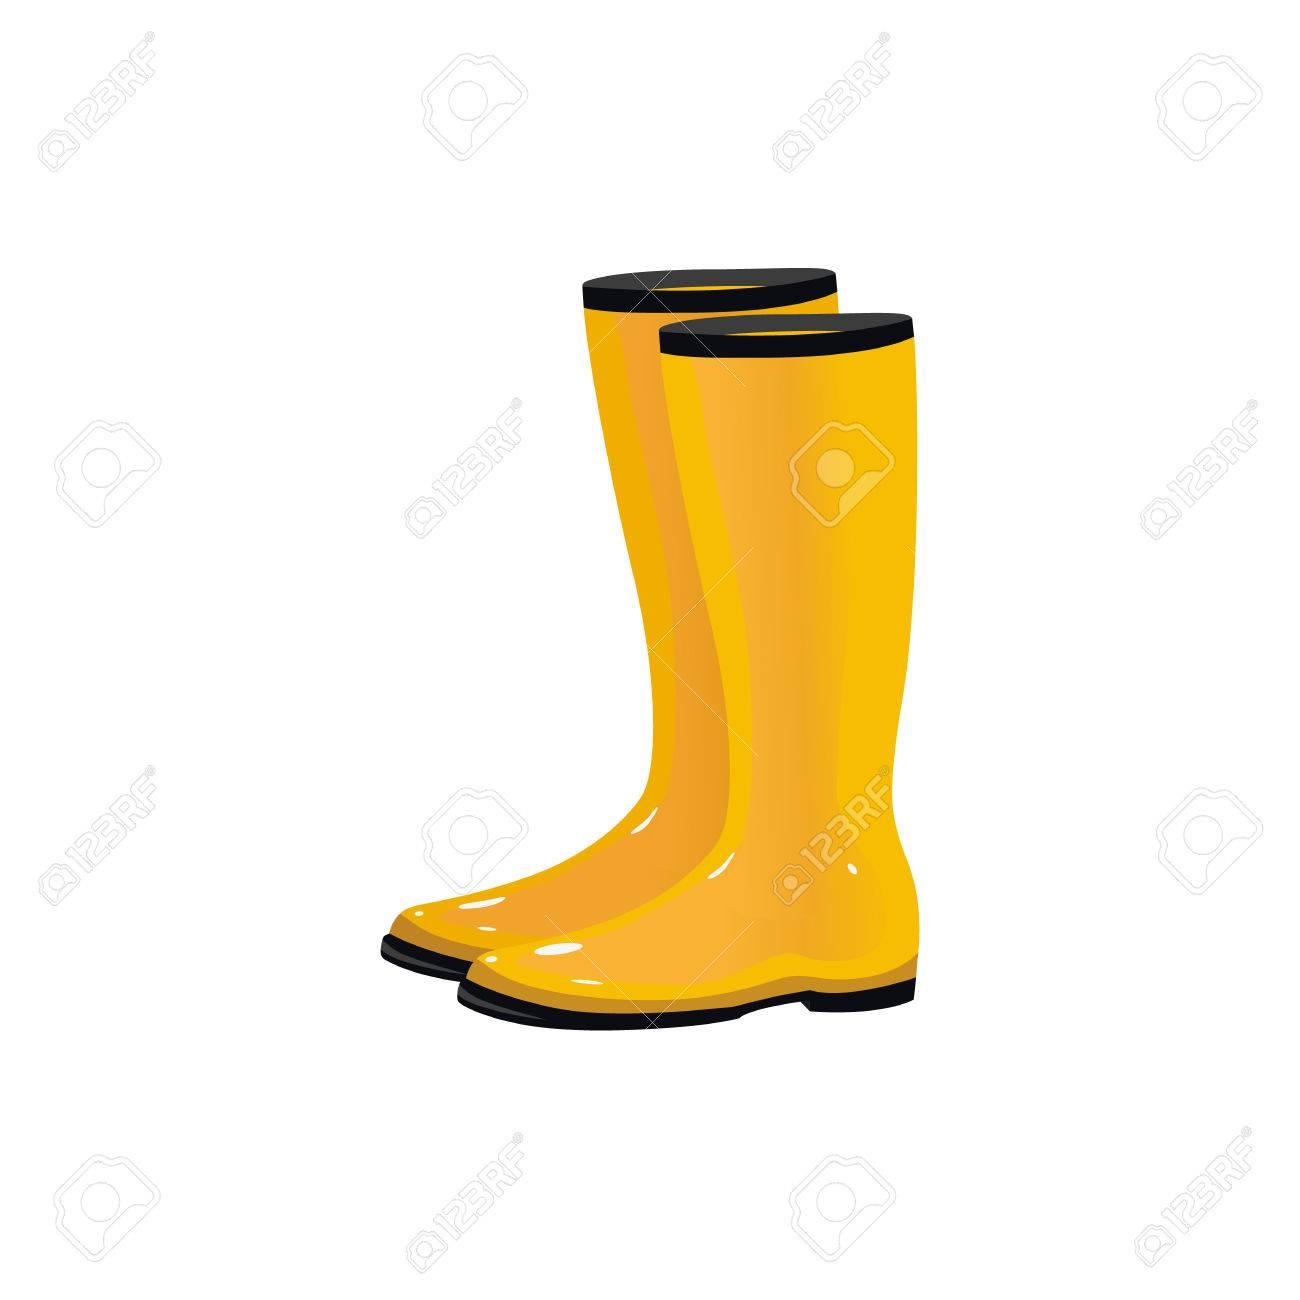 Paire de bottes de pluie imperméables jaunes, wellingtons, chaussures d'automne typiques, illustration de vecteur de dessin animé isolé sur fond